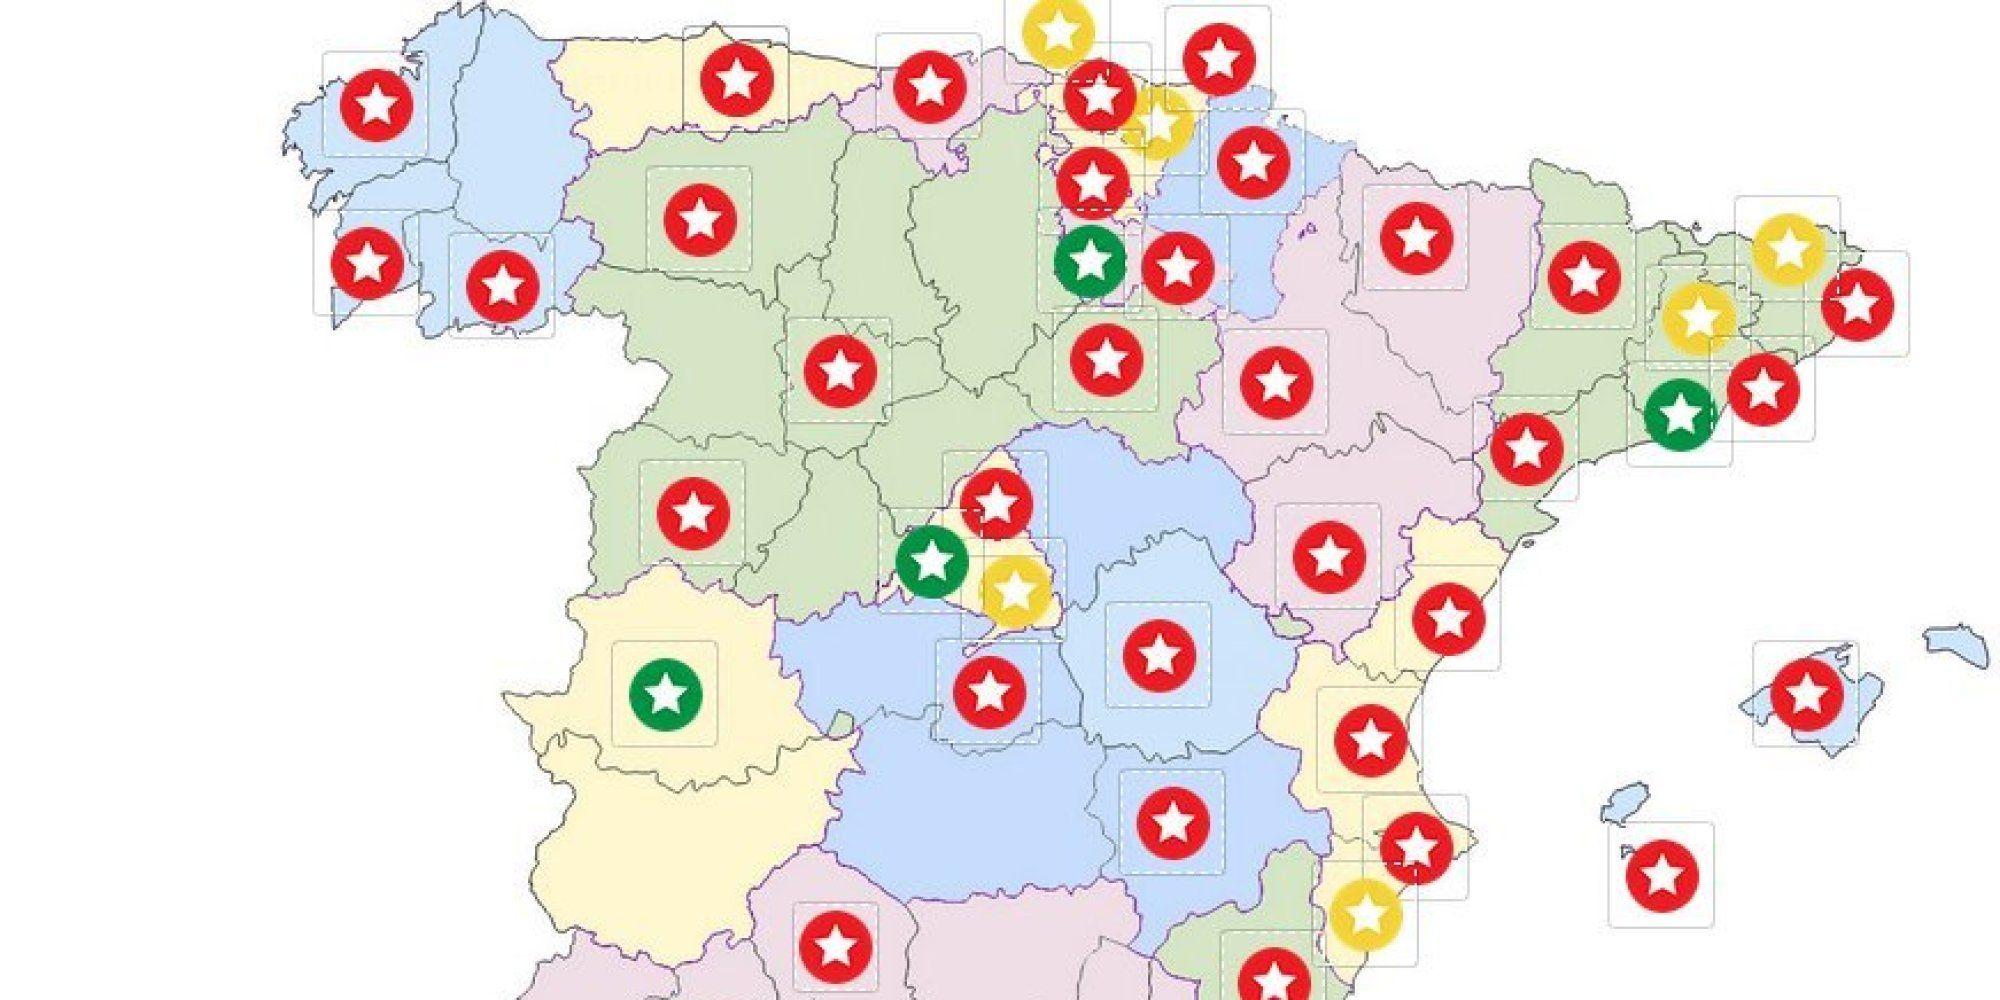 mapa de portugal guia michelin Estrellas Michelin 2015: ¿dónde están los mejores restaurantes de  mapa de portugal guia michelin